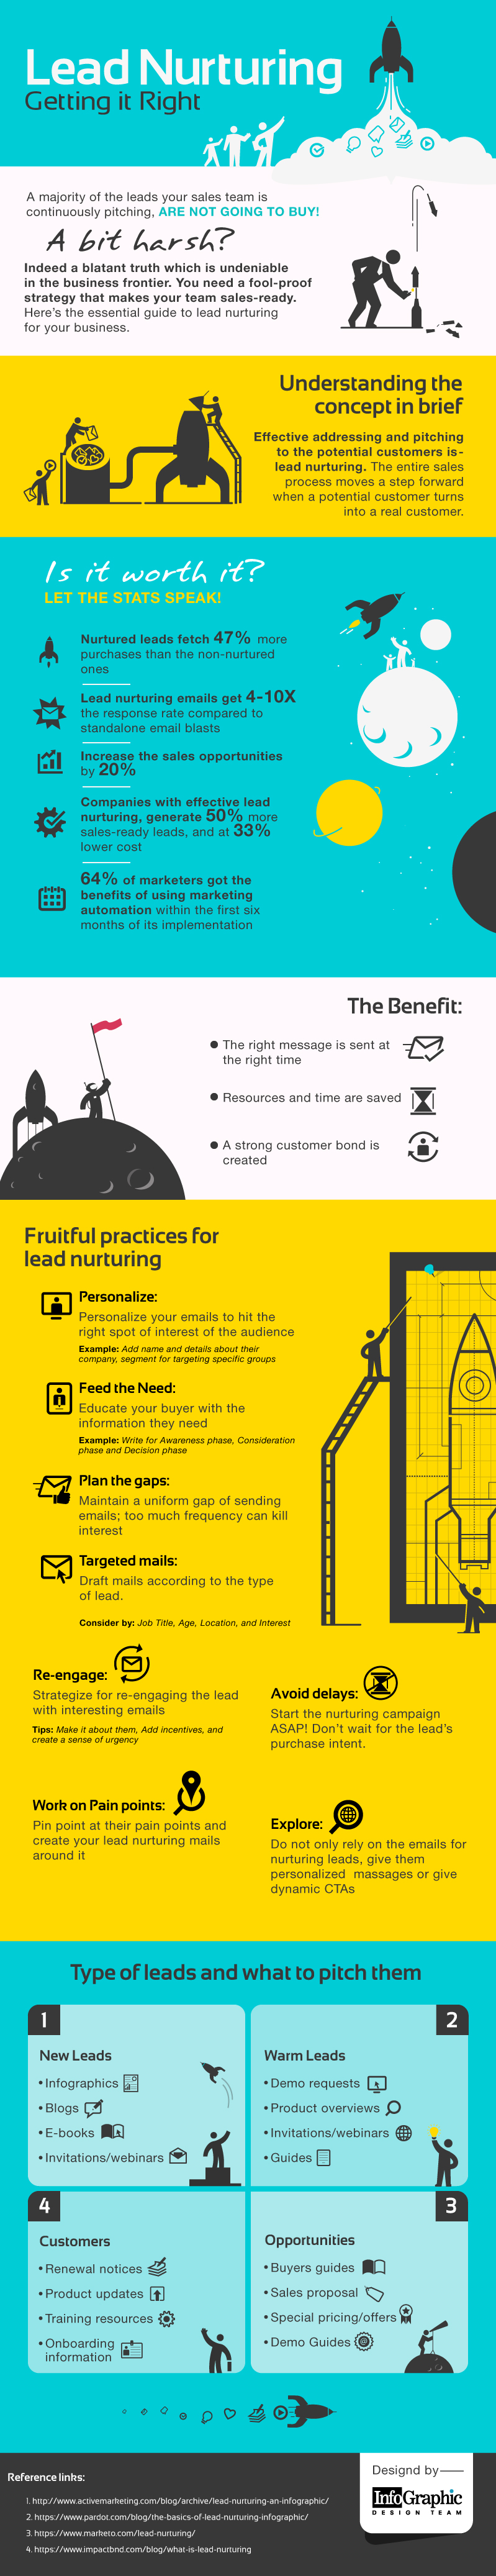 lead-nurturing-infographic